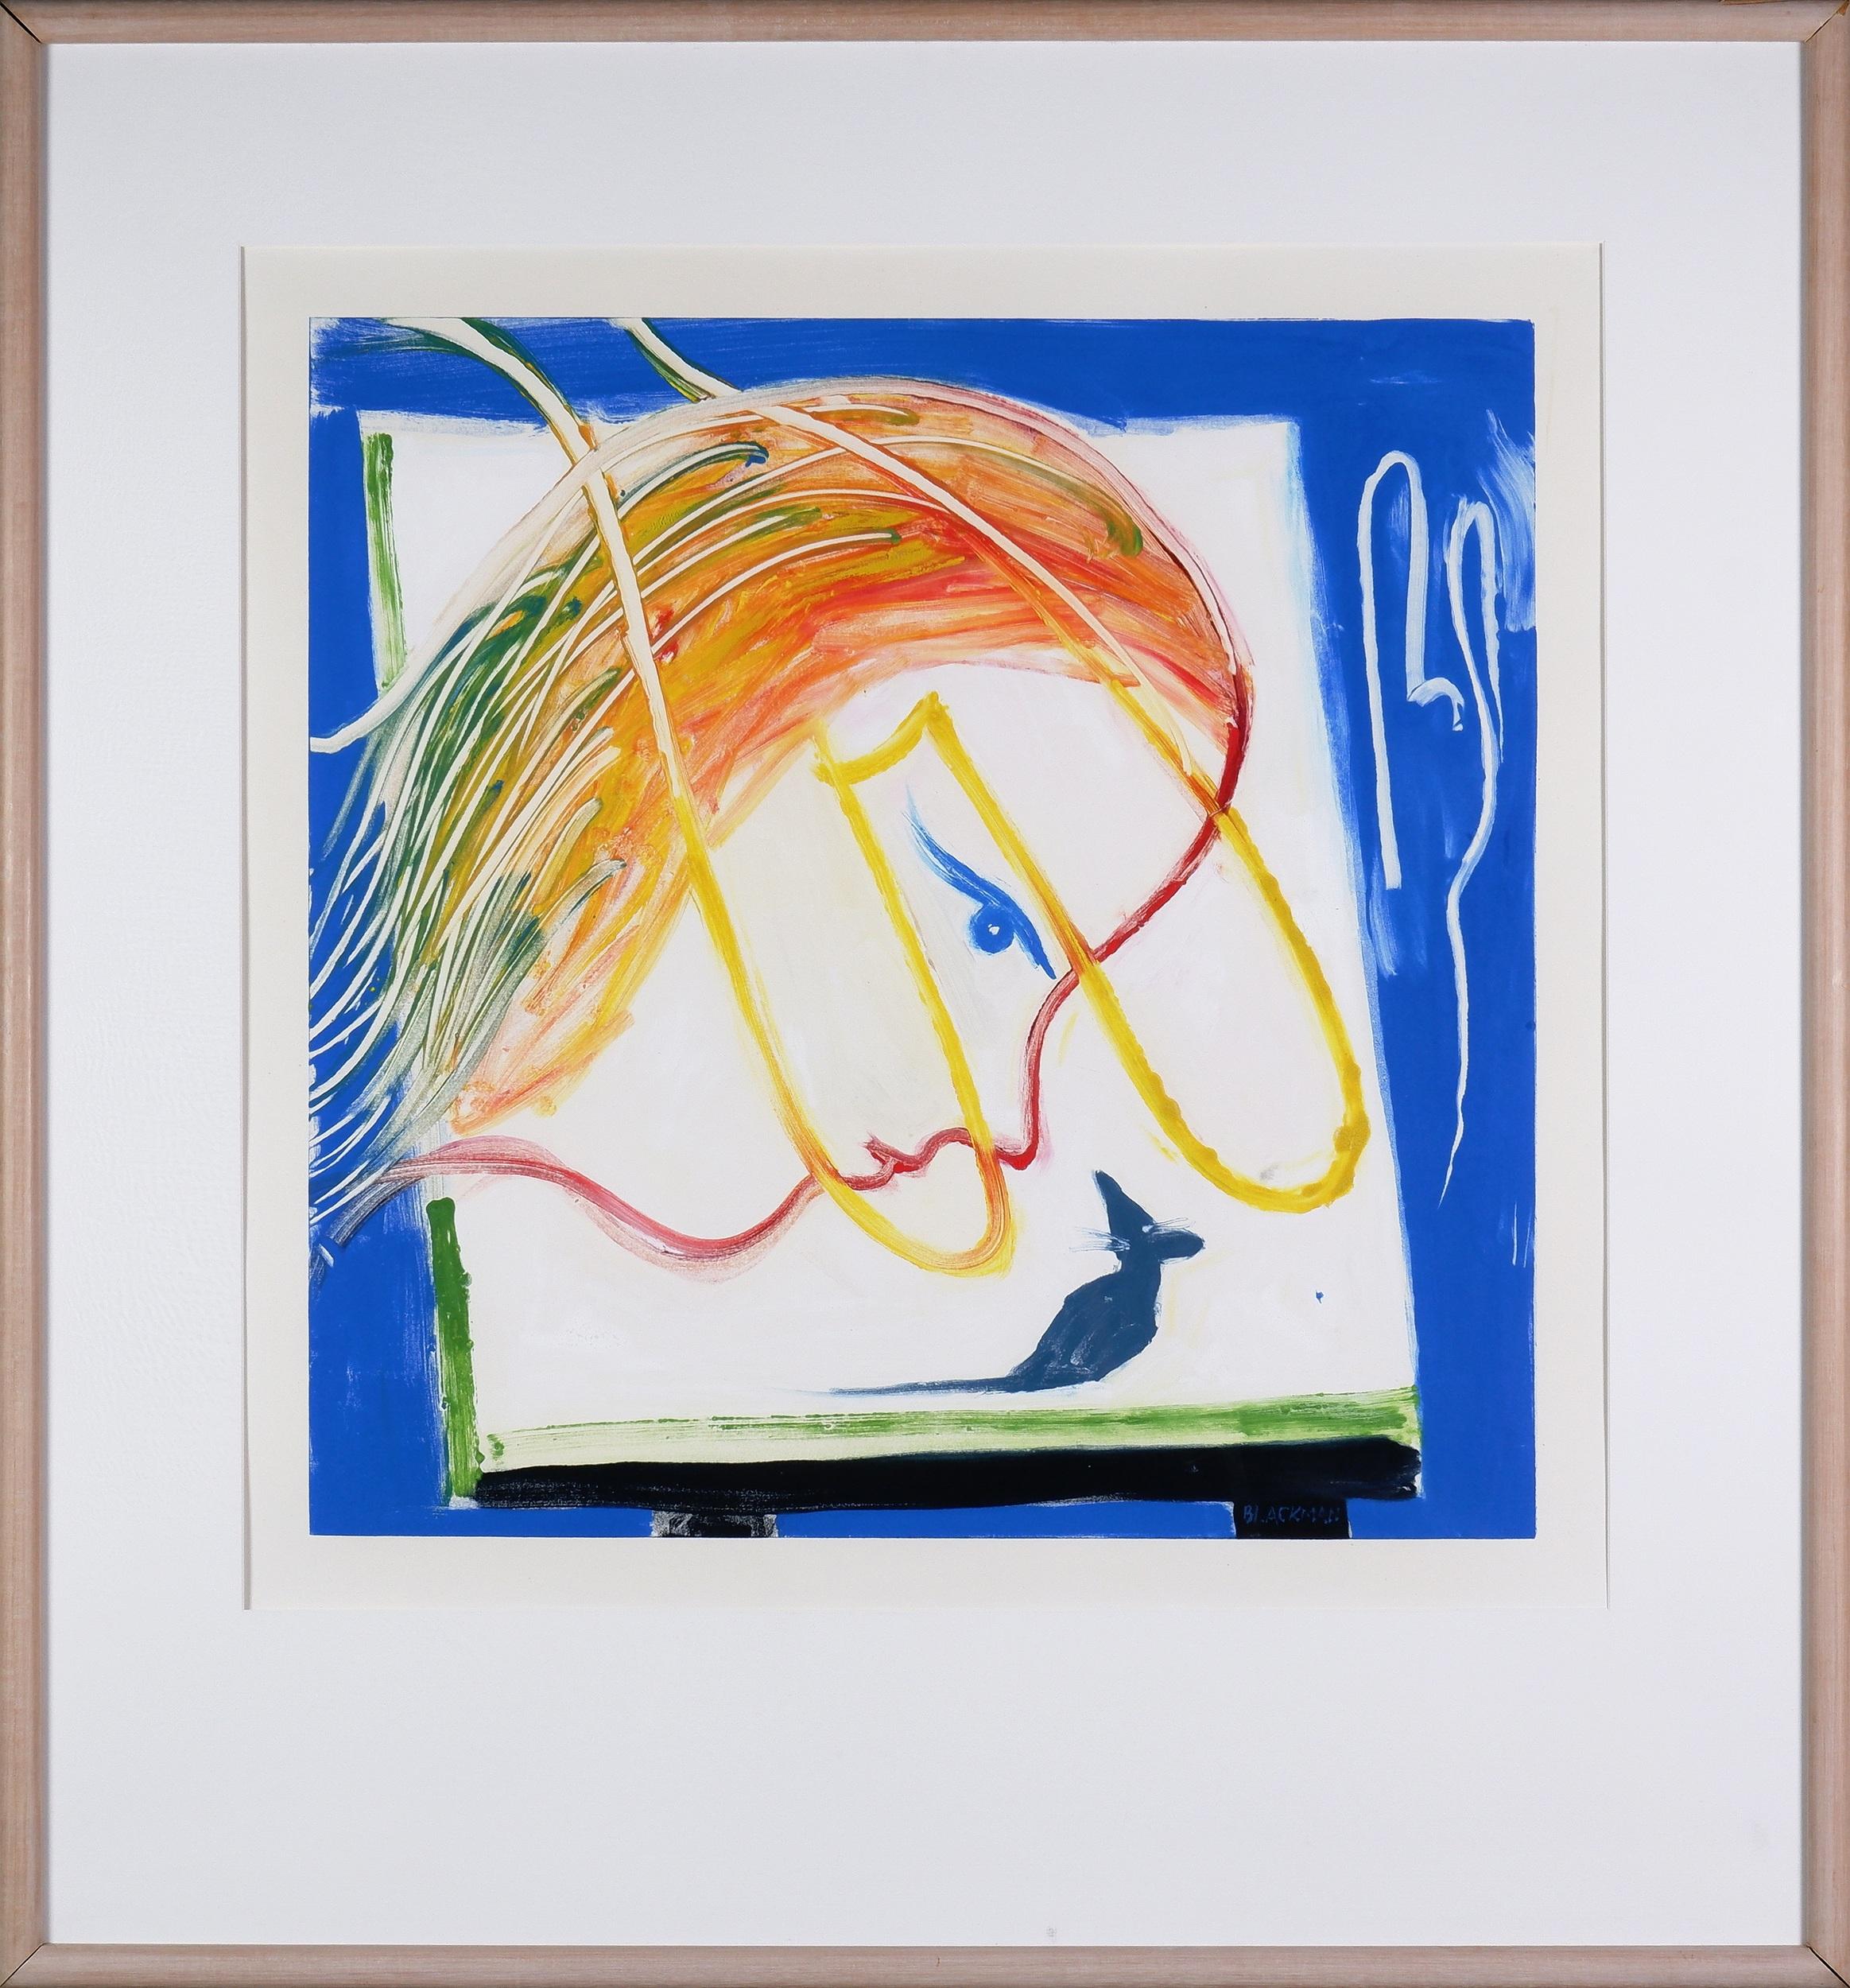 'Charles Blackman (1928-2018), Alices Room, Monotype, 77 x 77 cm'